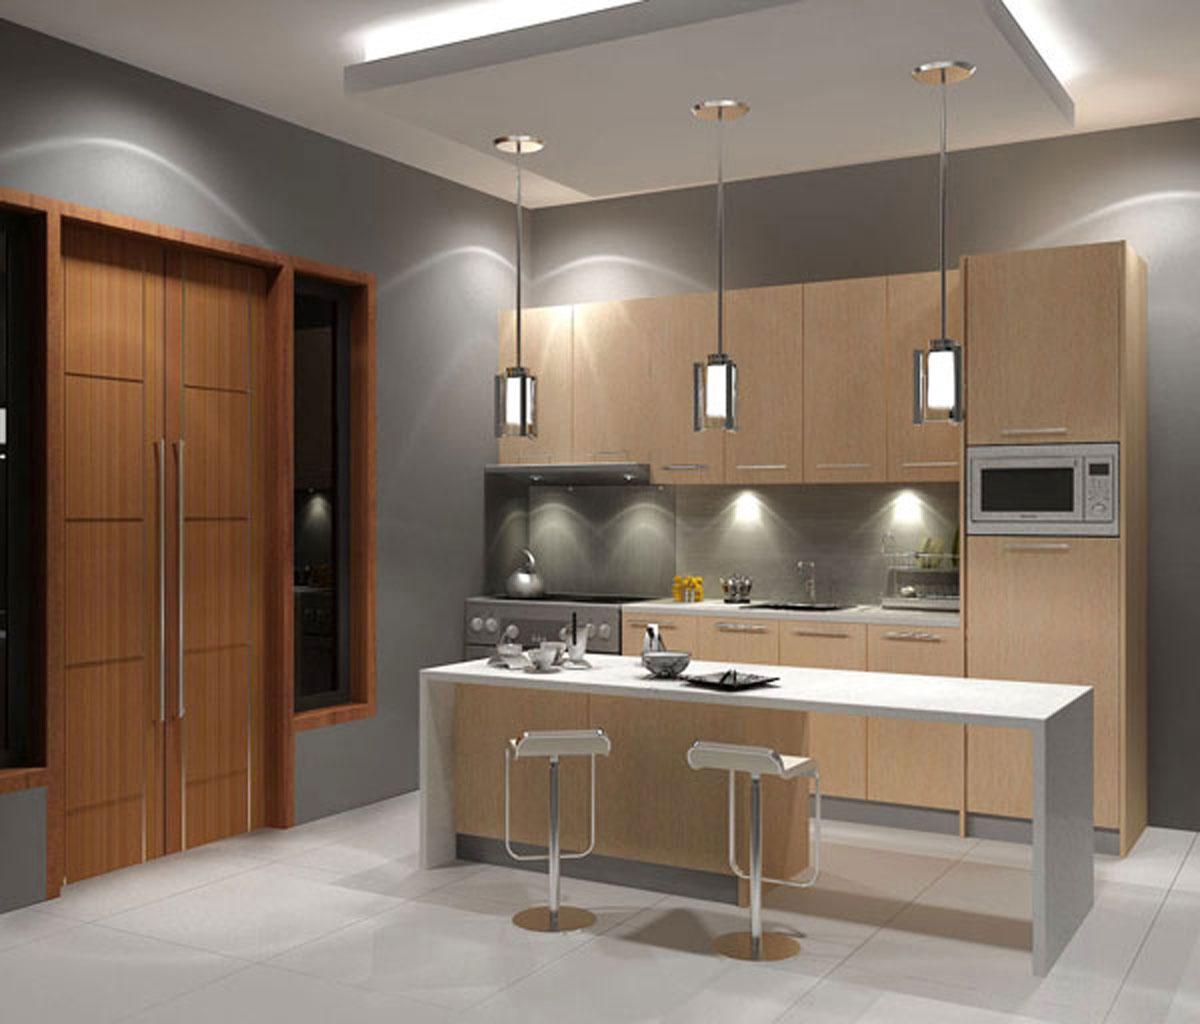 kitchen design ideas with islands photo - 8